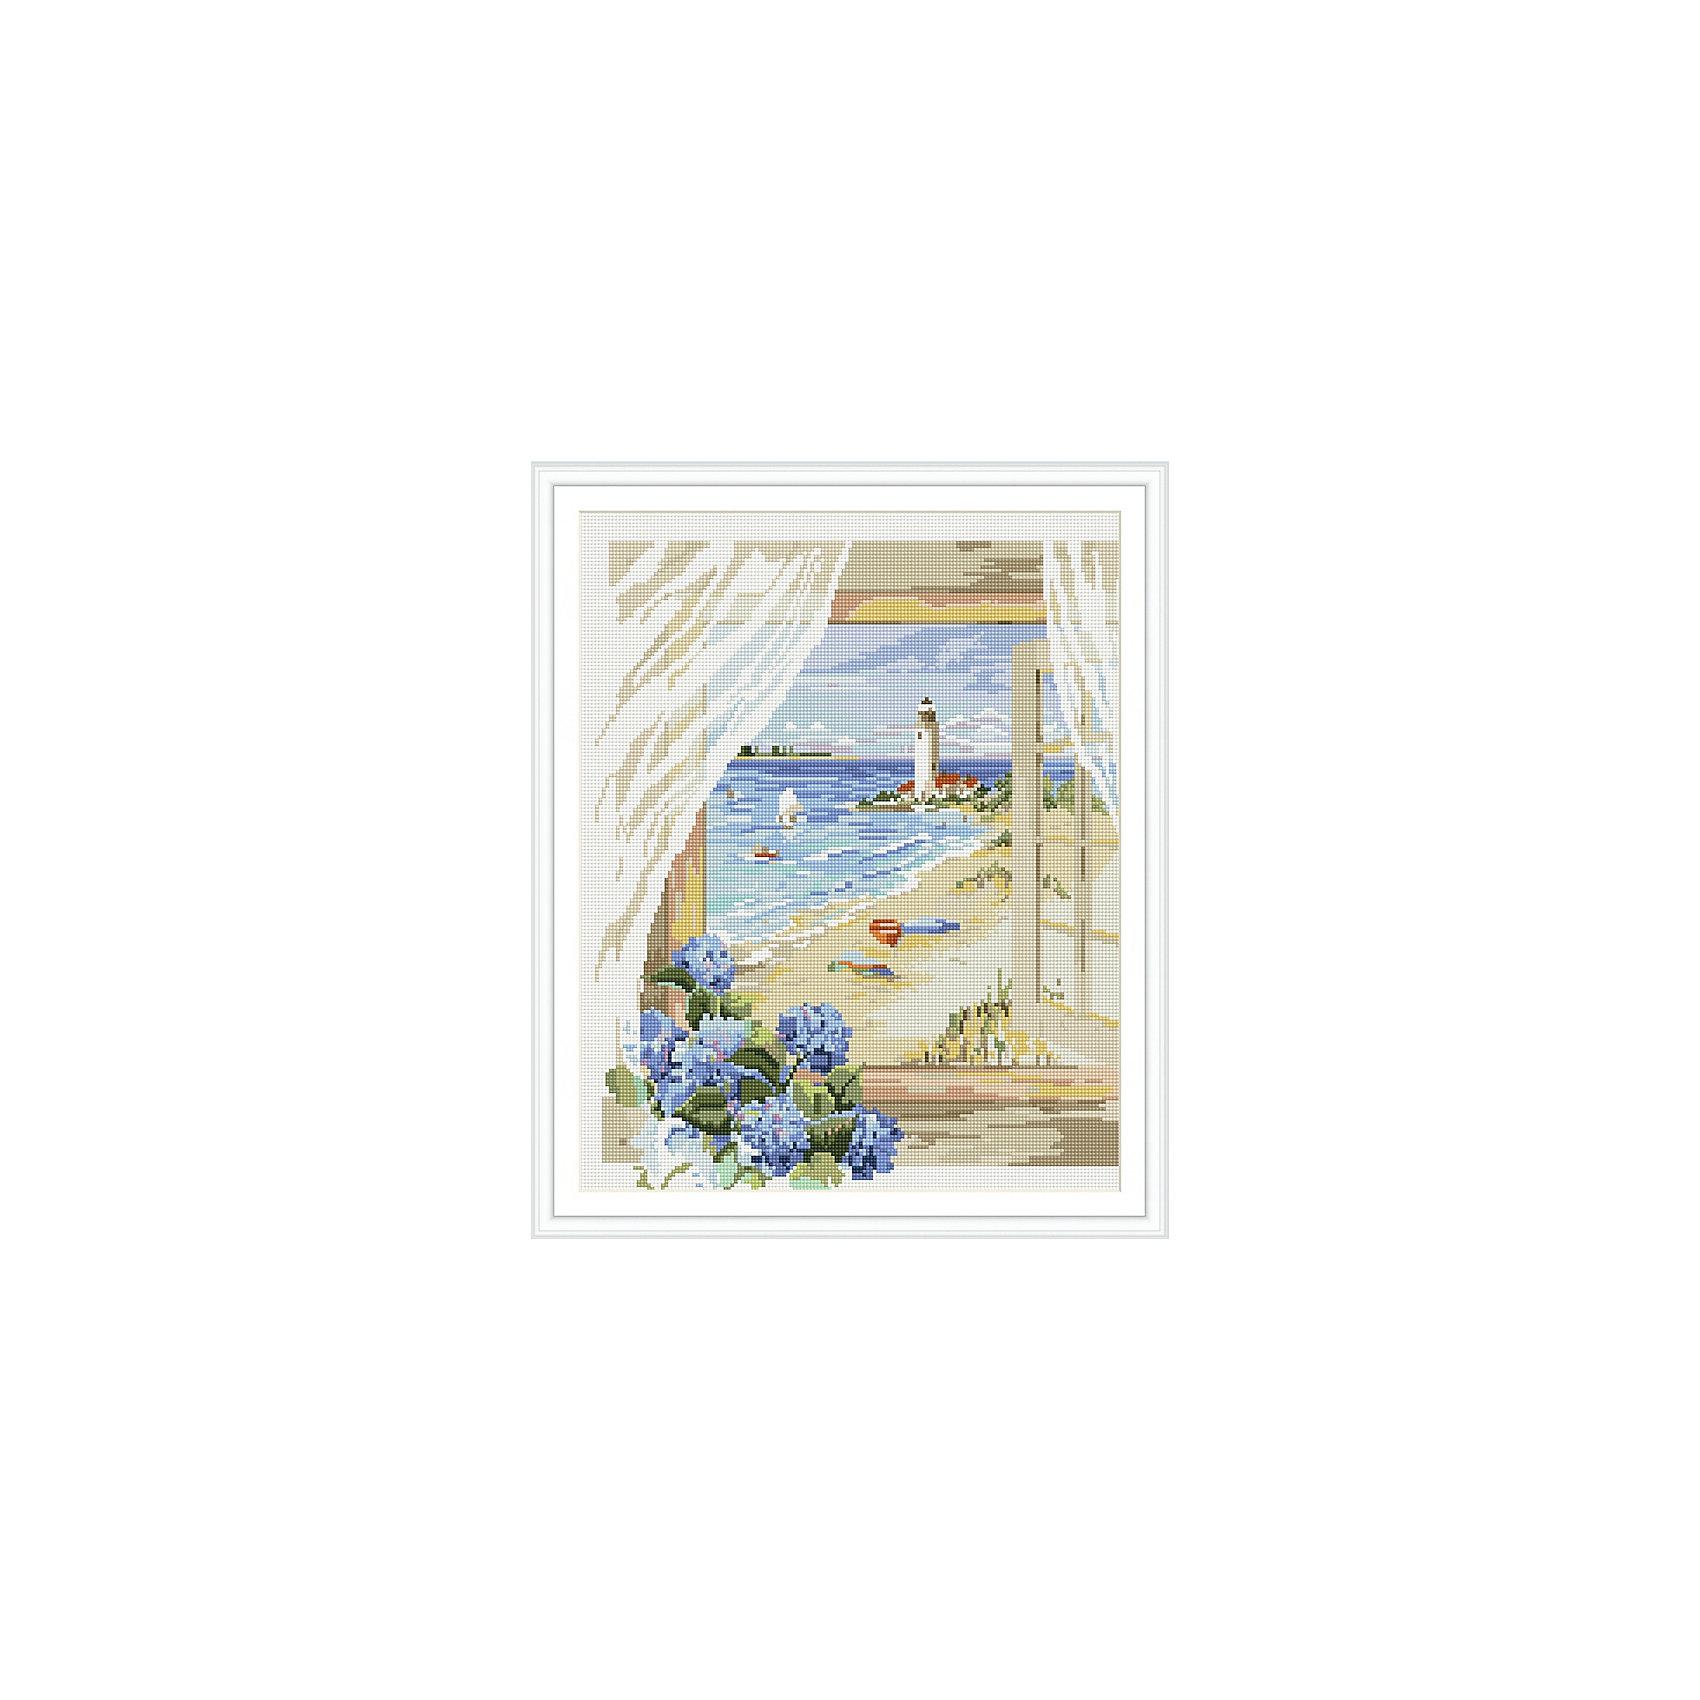 Алмазная мозаика по номерам Вид из окна: маяк у моря 40*50 см (на подрамнике)Мозаика<br>Характеристики товара:<br><br>• размер: 40x50 см<br>• размер упаковки: 42x52х5 см<br>• комплектация: холст на подрамнике 40х50 см, комплект искусственных камней, пинцет, пластмассовый лоток для камней, пластмассовый карандаш для камней, клей<br>• материал: акрил, текстиль, пластик<br>• не требует специальных навыков<br>• для творчества<br>• страна бренда: Российская Федерация<br>• страна производства: Китай<br><br>Алмазная мозаика в настоящий момент очень популярна, и это не удивительно! С помощью подобных наборов можно создавать красивые переливающиеся картины, при этом совсем не обязательно иметь опыт рукоделия. В набор для создания алмазной мозаики входит основа, на которую нужно наклеить небольшие камни - поля пронумерованы, поэтому найти для них правильное место не составит труда. В итоге получается картина, которой можно украсить помещение или подарить кому-то!<br>Набор станет отличным подарком для взрослых и детей. Подобные занятия помогают ребенку развивать важные навыки и способности, они активизирует мышление, формируют усидчивость, логику, абстрактное мышление и воображение. Изделие производится из качественных и проверенных материалов, которые безопасны для детей.<br><br>Алмазную мозаику по номерам Вид из окна: маяк у моря 40*50 см (на подрамнике) от бренда Tukzar можно купить в нашем интернет-магазине.<br><br>Ширина мм: 420<br>Глубина мм: 520<br>Высота мм: 50<br>Вес г: 900<br>Возраст от месяцев: 96<br>Возраст до месяцев: 2147483647<br>Пол: Женский<br>Возраст: Детский<br>SKU: 5217082